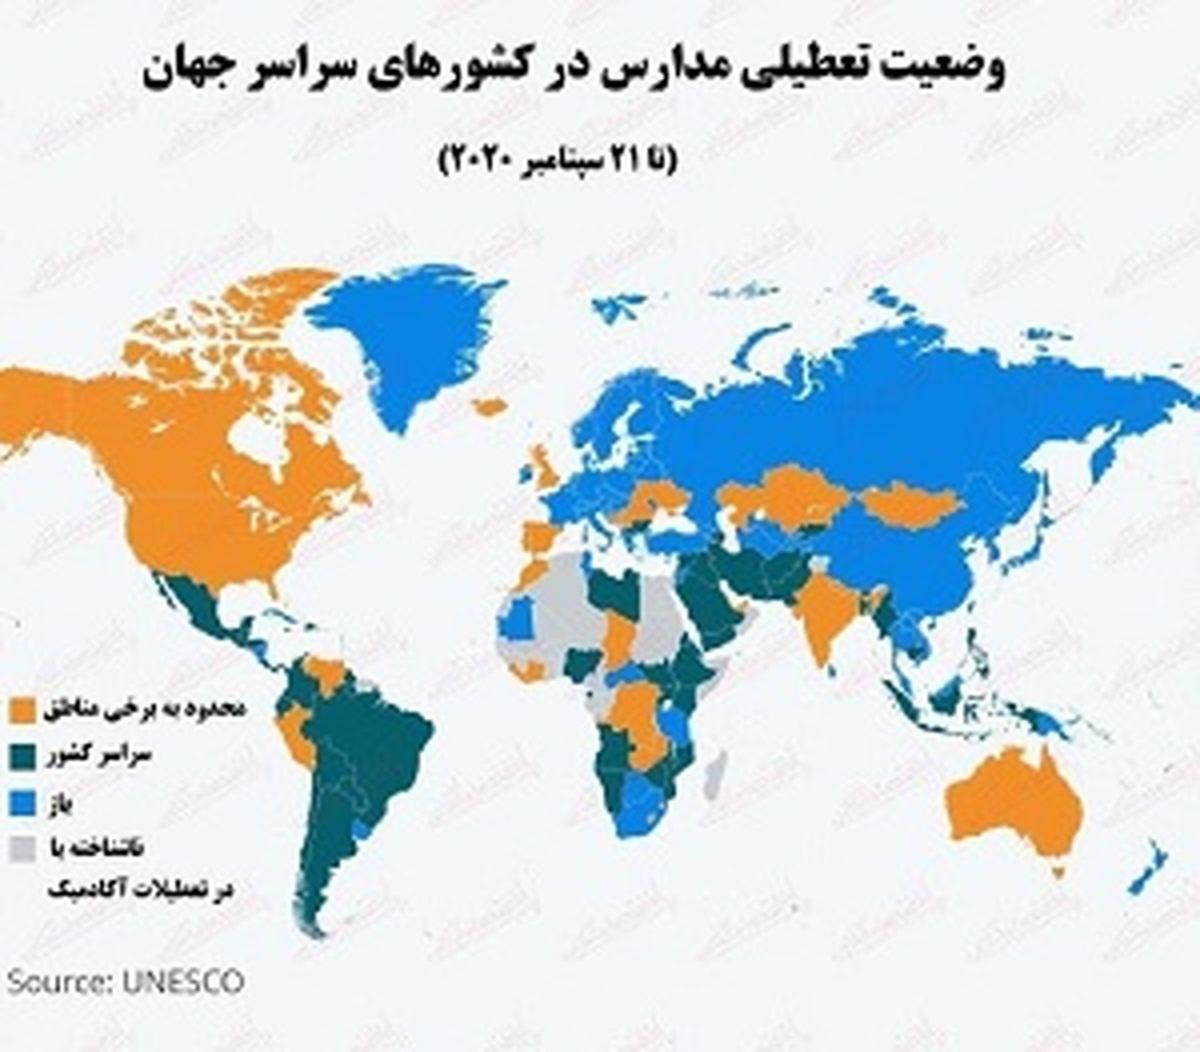 کرونا   |   ۱.۶میلیارد دانشآموز،در سراسر جهان در کلاسهای حضوری شرکت نکردند.